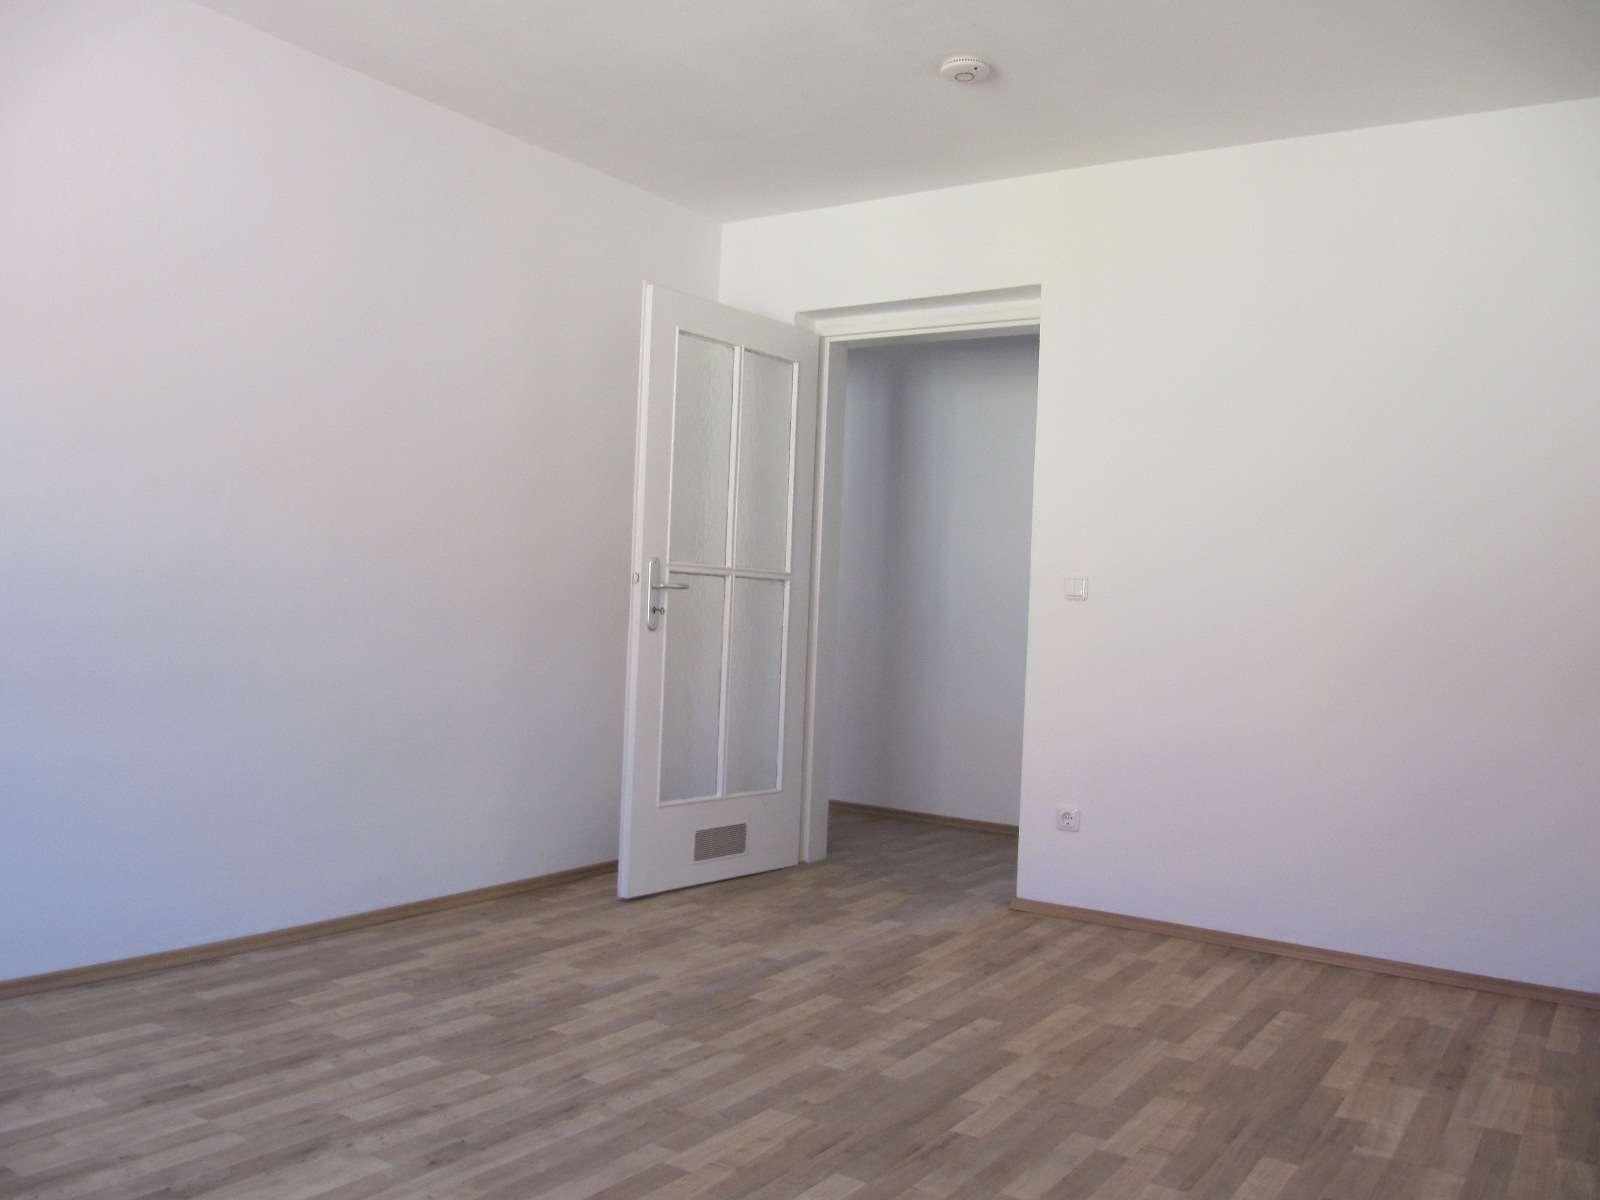 Nähe Gugelstrasse ! Renovierte 3-ZW ca. 85 m², Laminat, Balkon, 2.OG ohne Aufzug in Gugelstraße (Nürnberg)